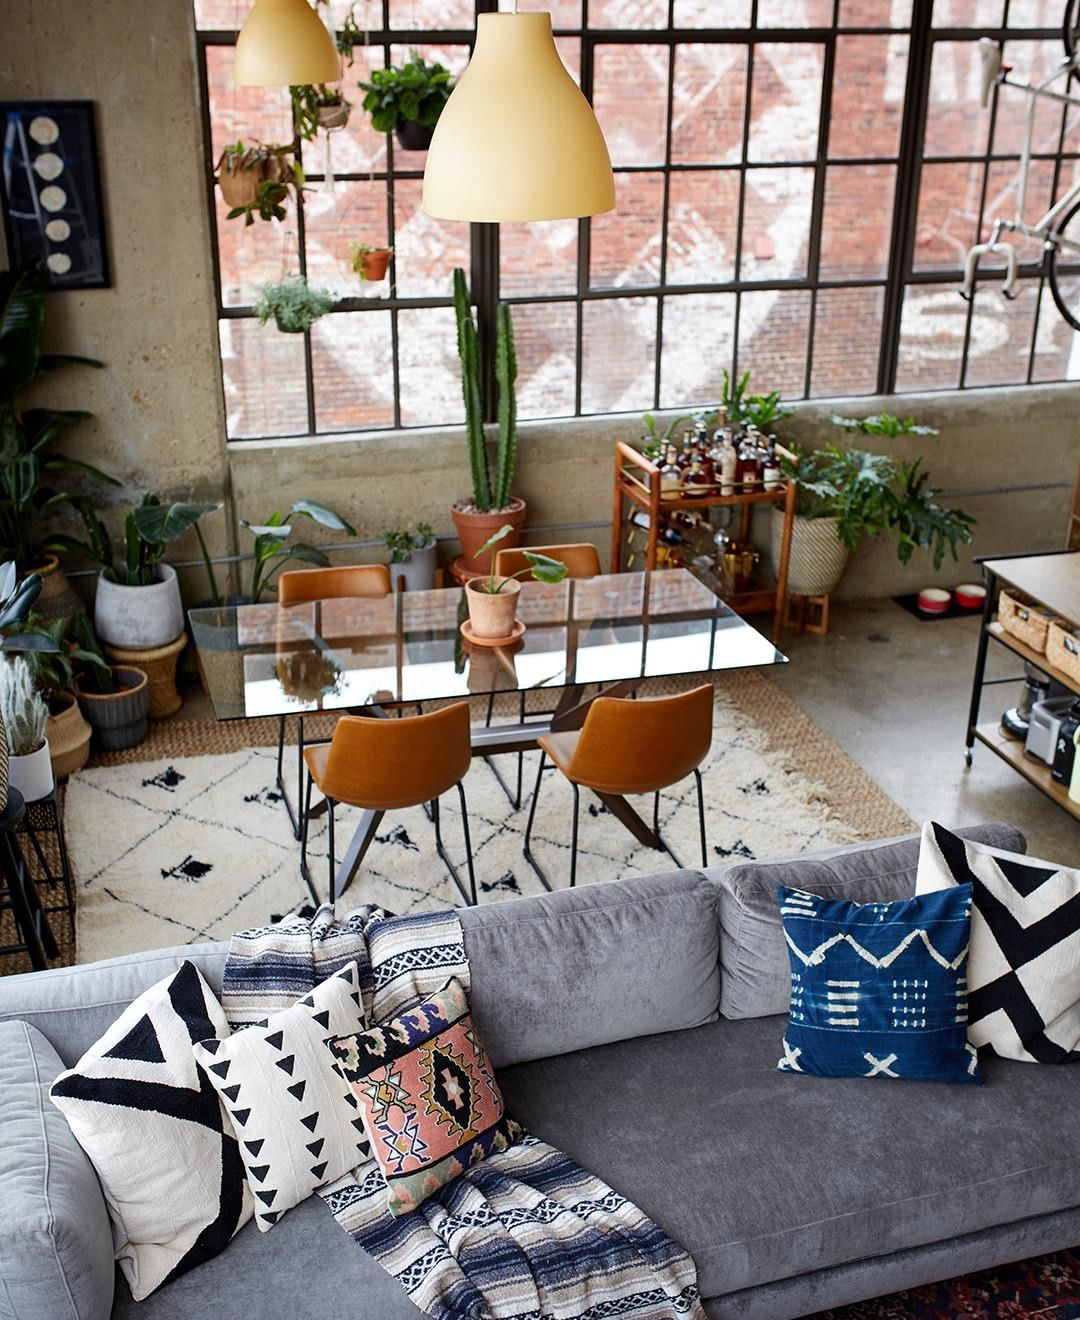 tendências de decoração de interiores (10)